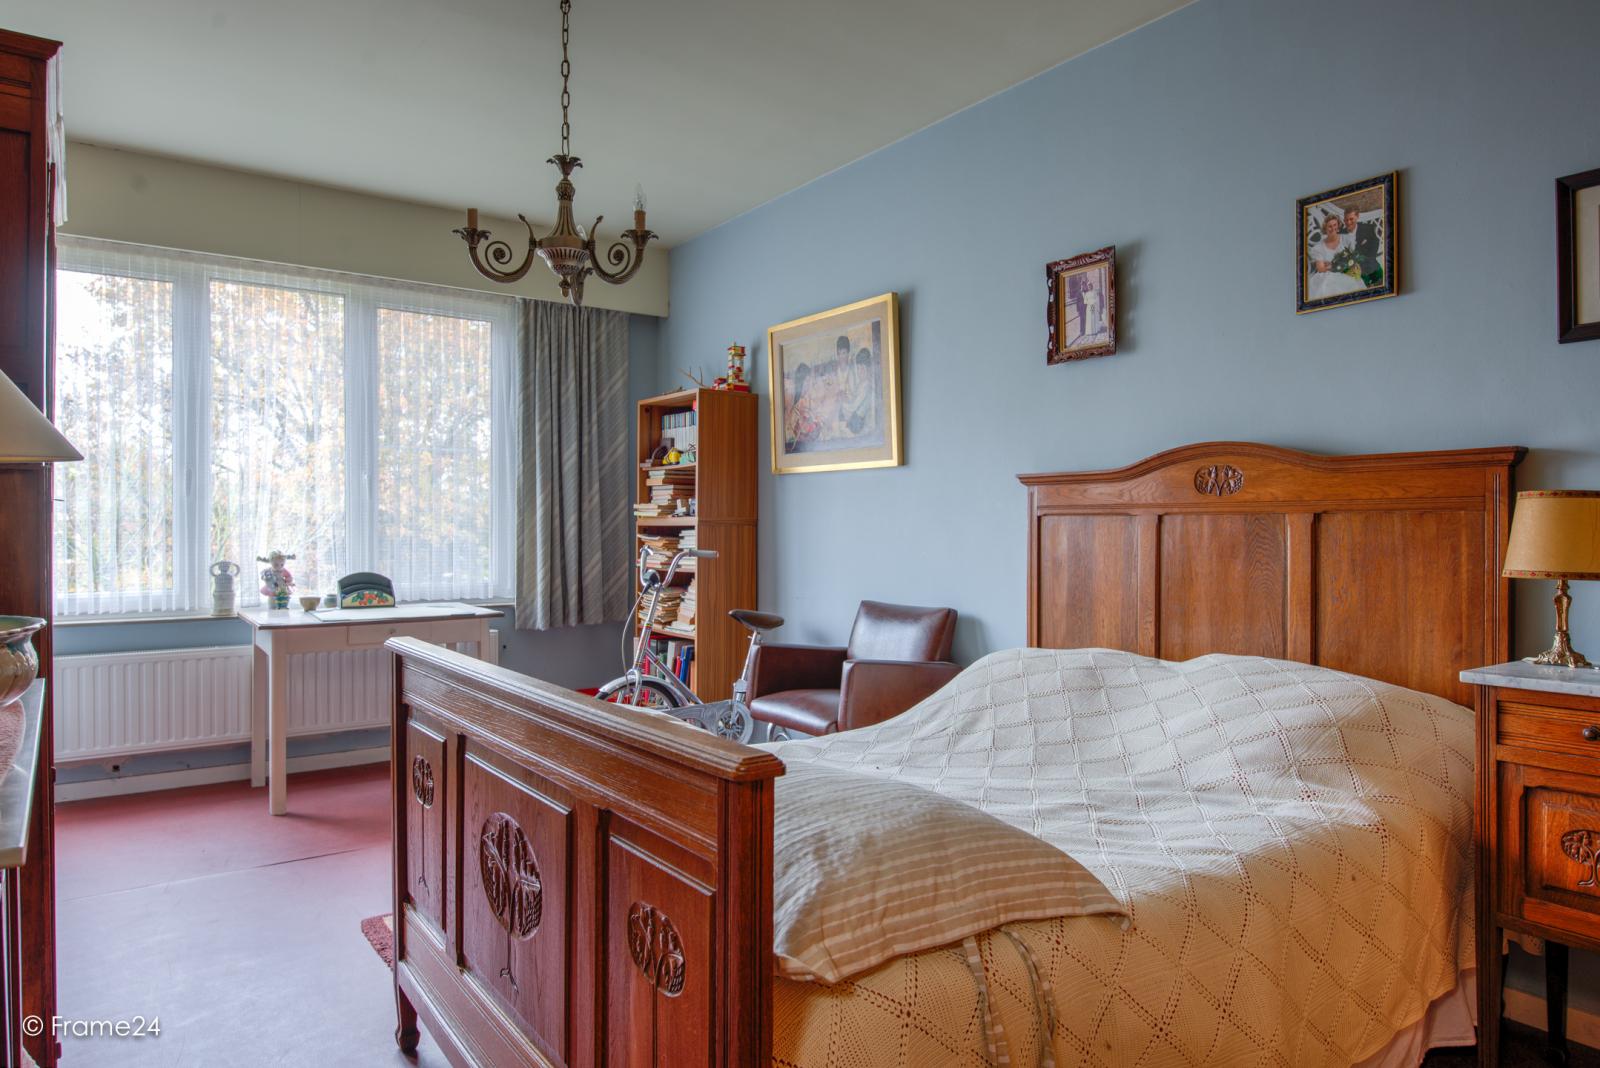 Zeer verzorgde bel-étagewoning met drie slaapkamers op toplocatie te Wijnegem! afbeelding 17